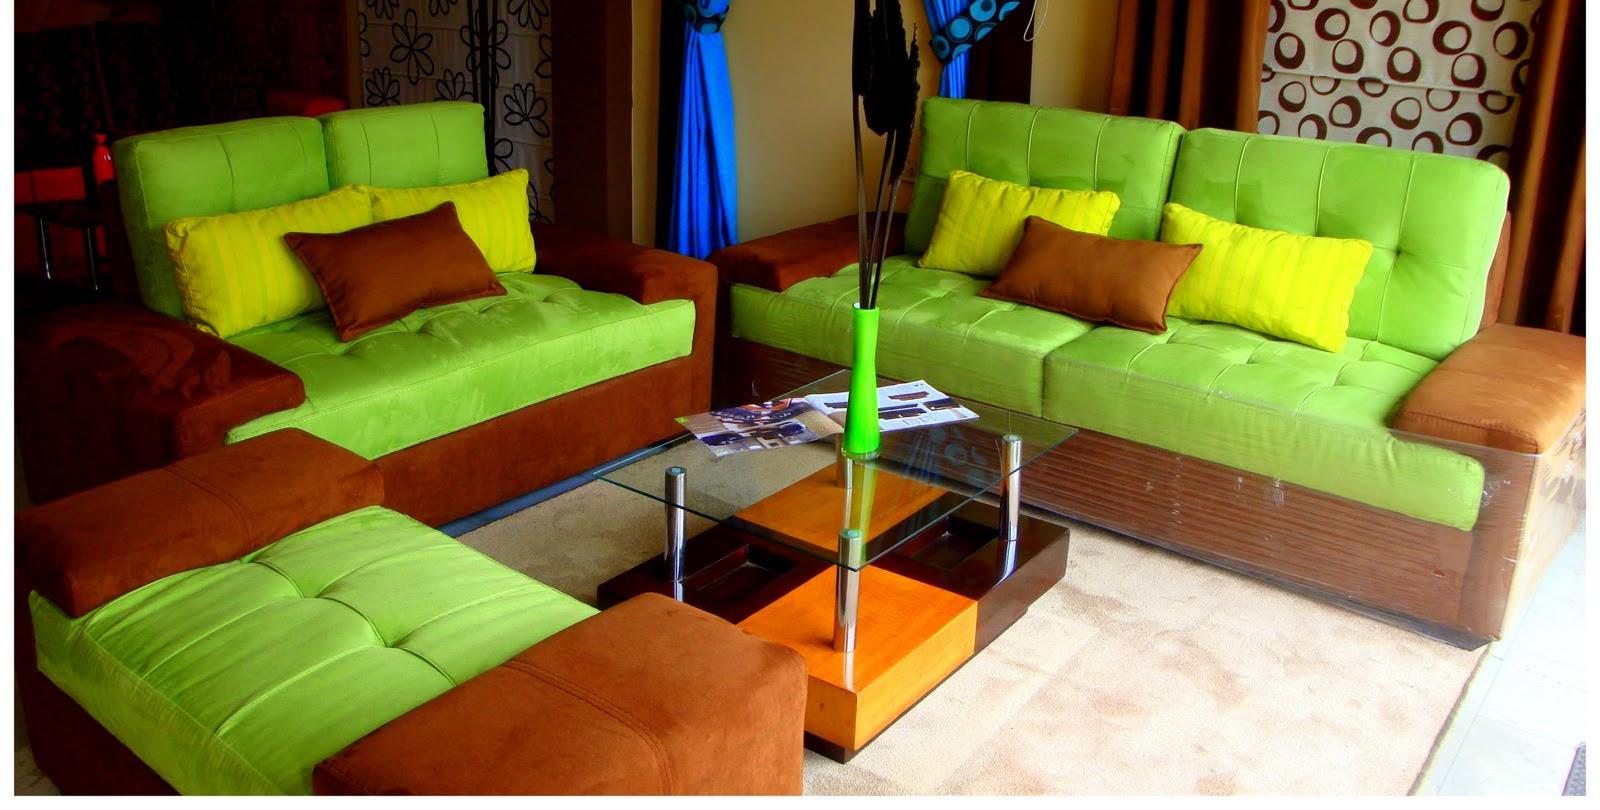 Hogar dise o fabricamos muebles de sala con dise os for Ultimas tendencias en muebles